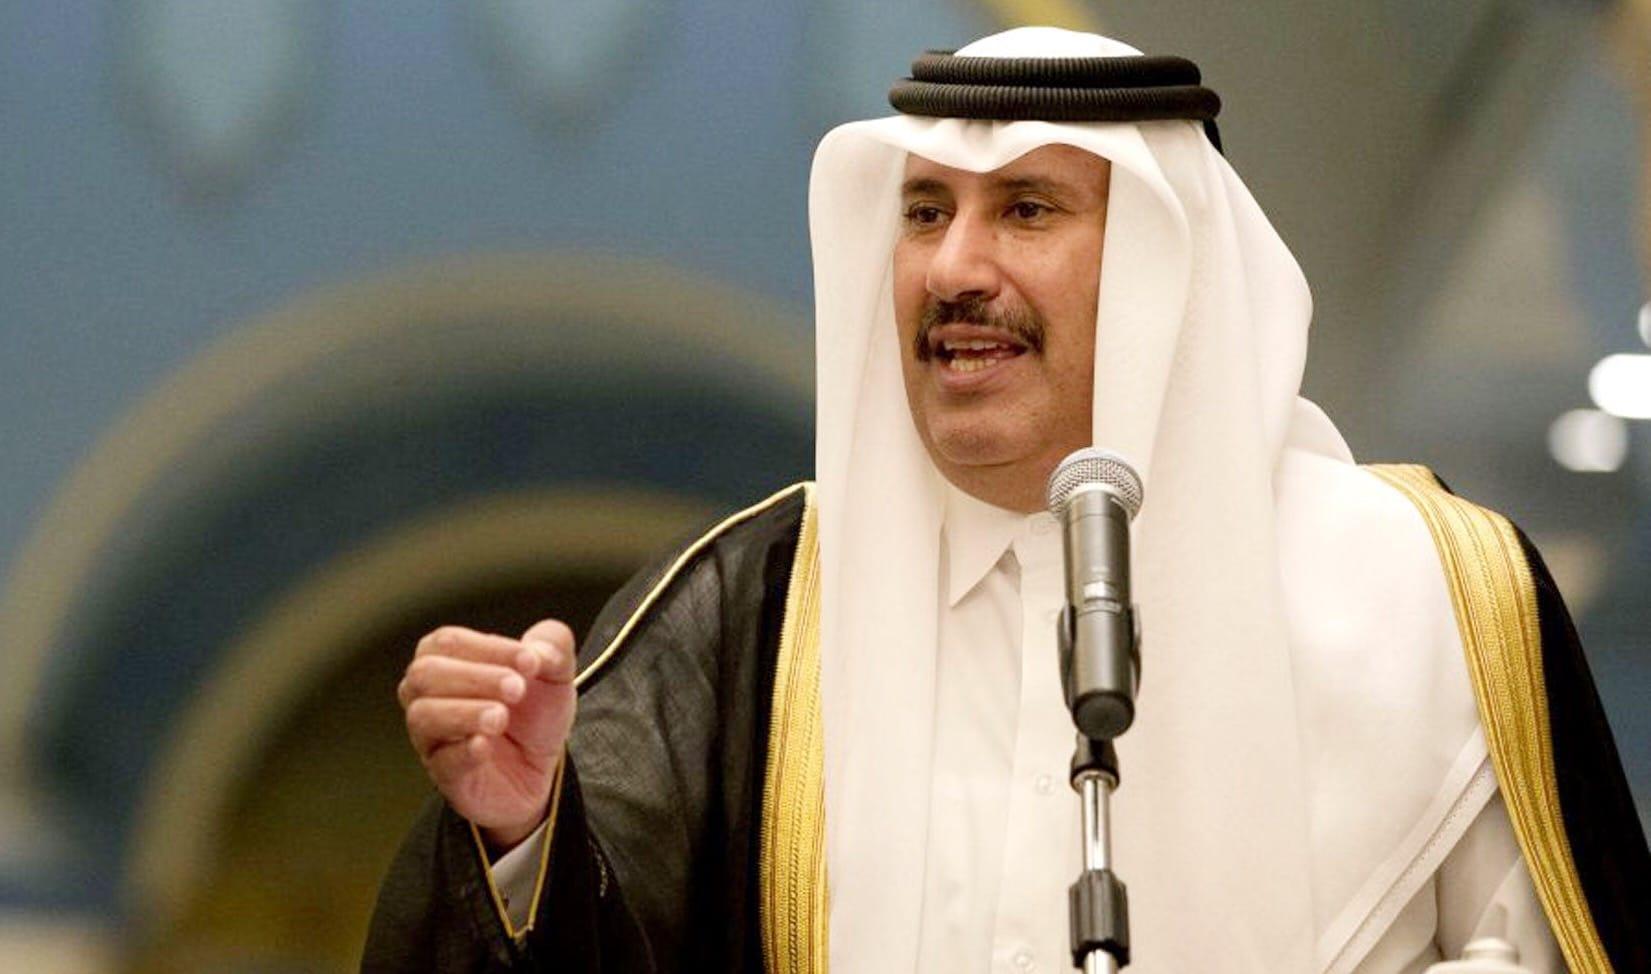 حمد بن جاسم يبعث برسالة هامة للقطريين بعد أن لاحظ هذا الأمر مؤخرا